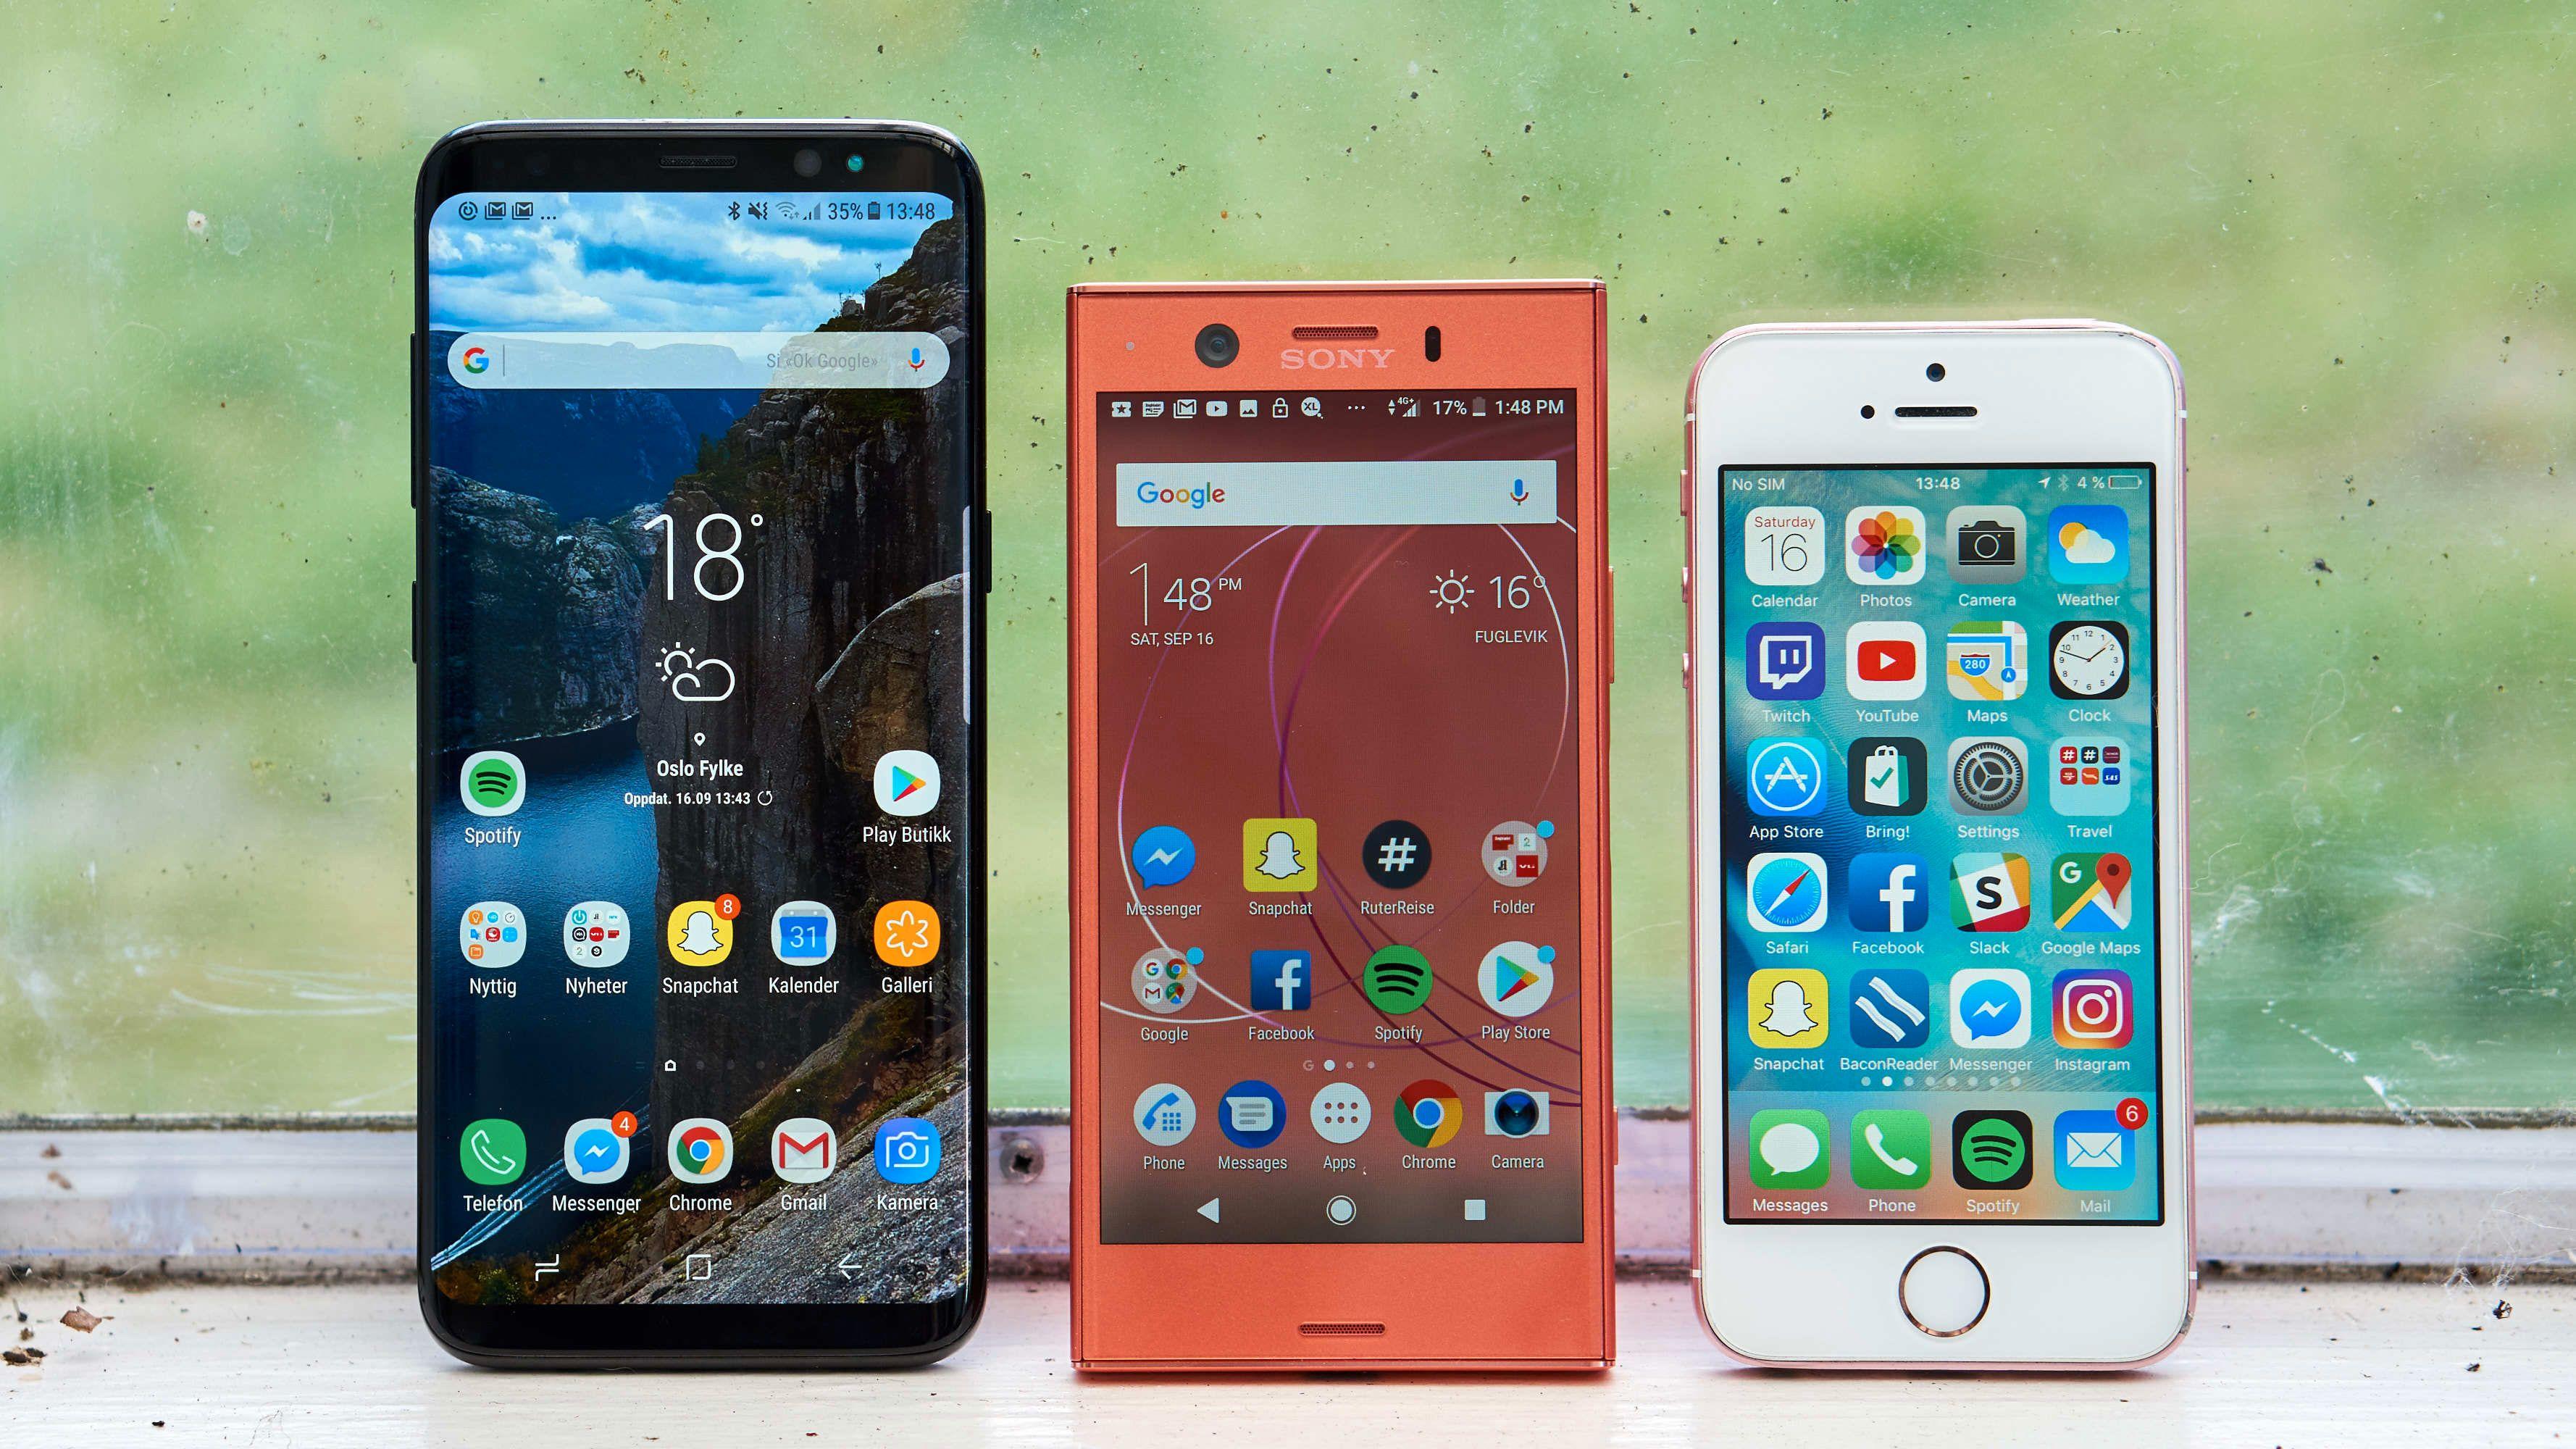 Xperia XZ1 Compact i midten, ved siden av en Galaxy S8 med heldekkende skjerm. Vi håper på noe nytt og smått med rammeløs design i 2018. Kan de kompakte bli enda mer kompakte? Bilde: Torstein Norum Bugge, Tek.no